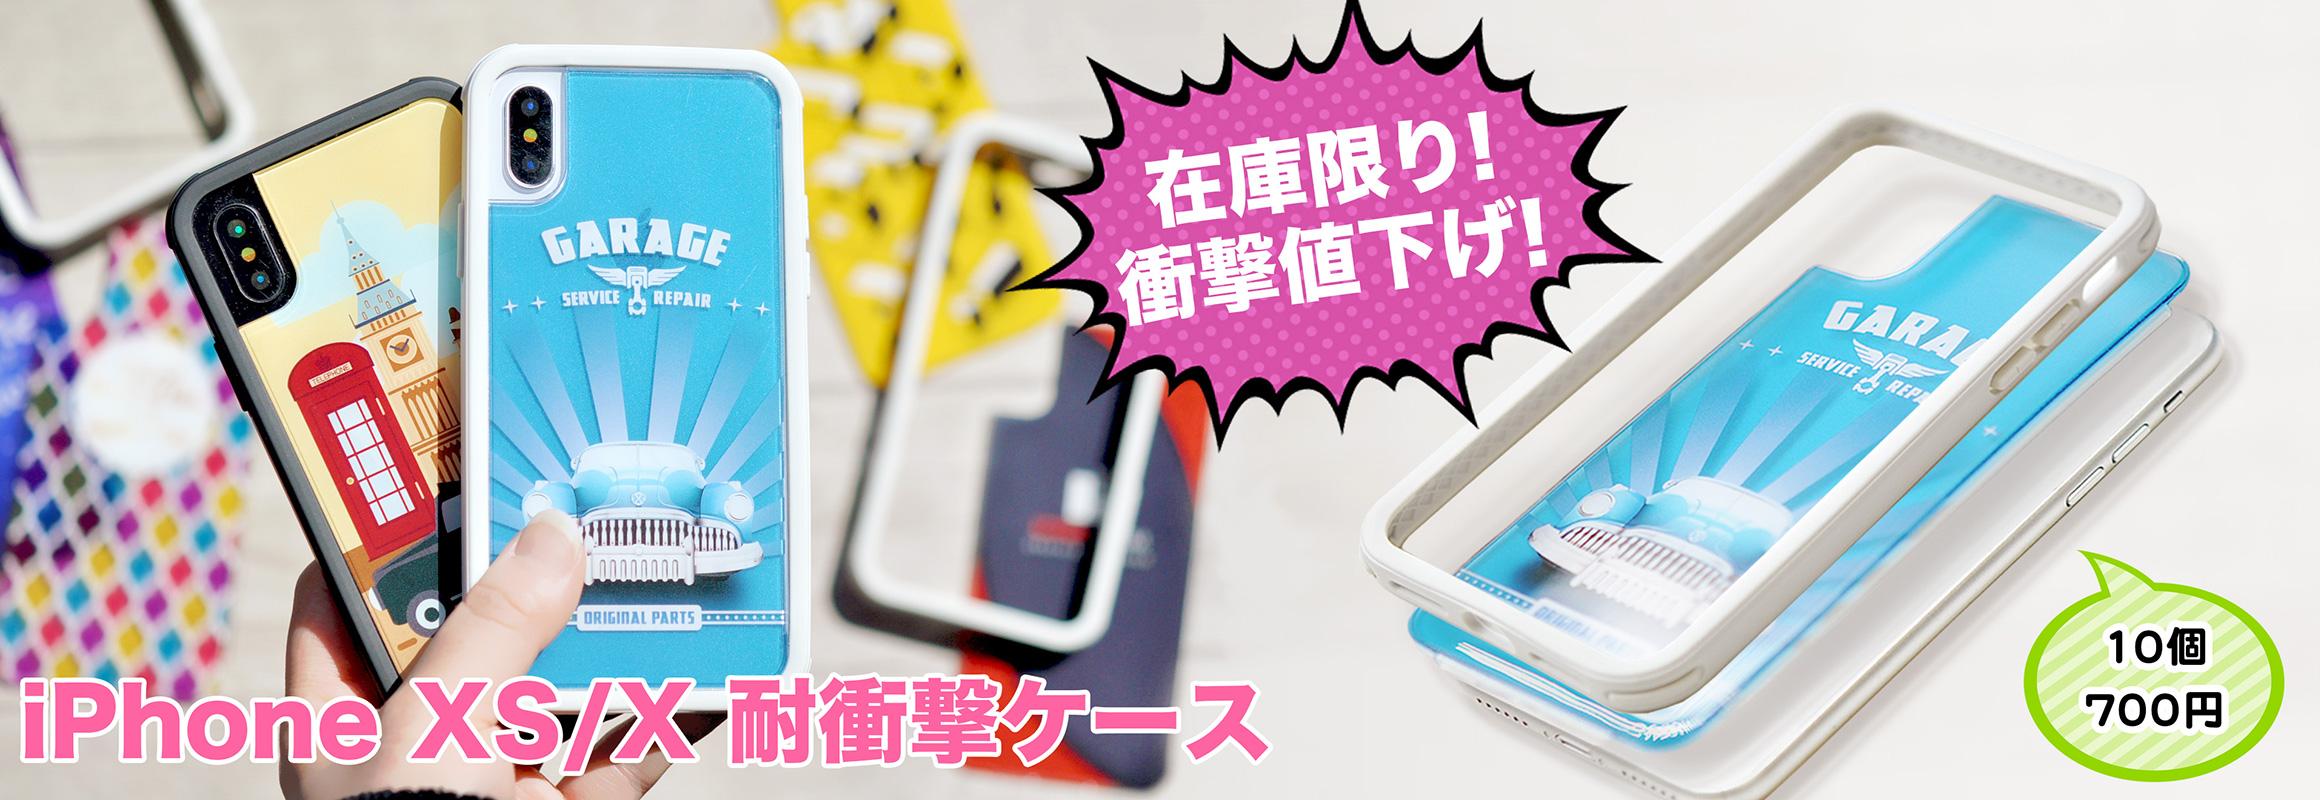 iPhone XS/X兼用 耐衝撃ケースの同人グッズを作成